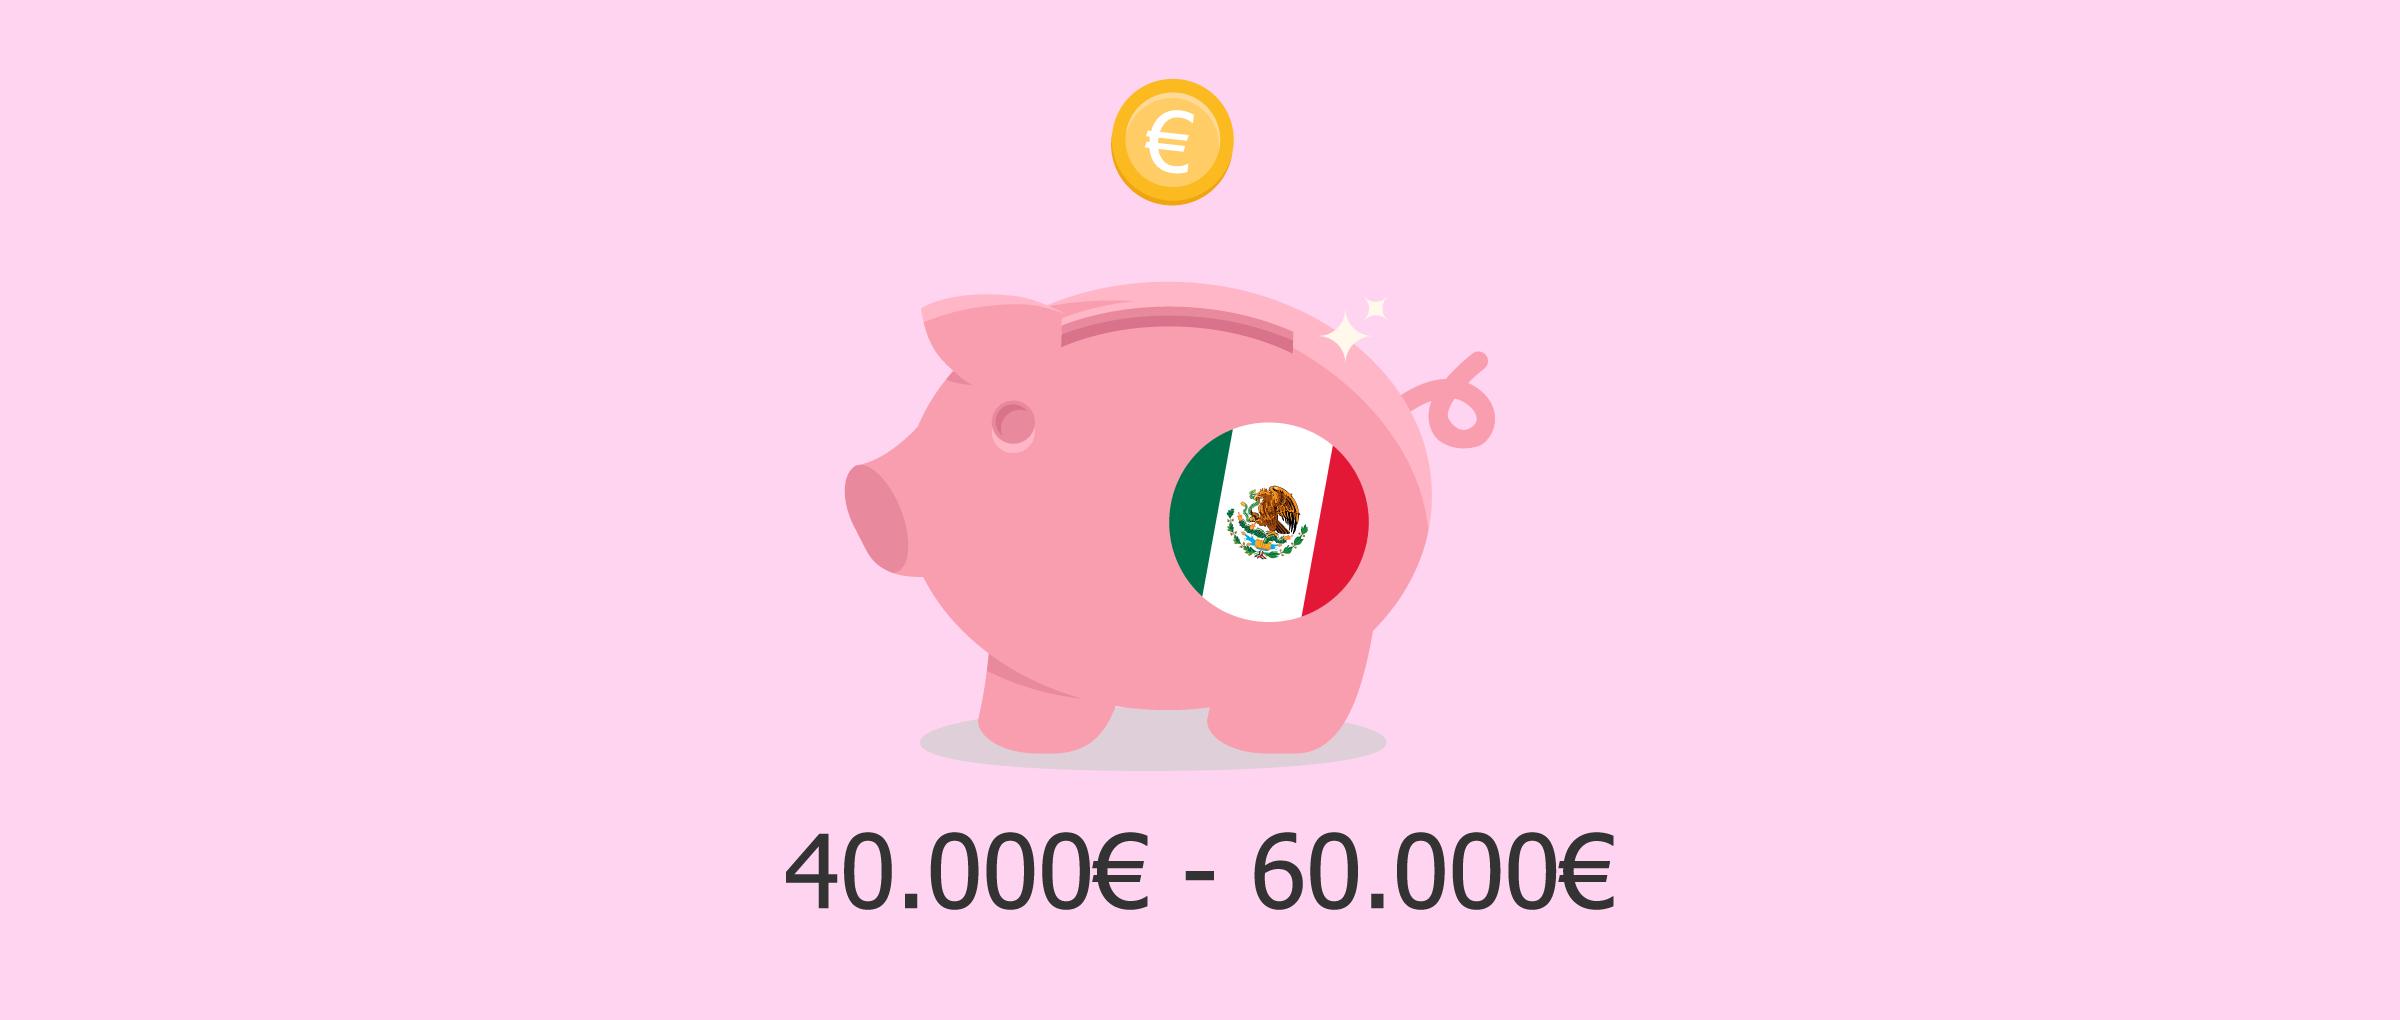 Prix moyens pour une GPA au Mexique